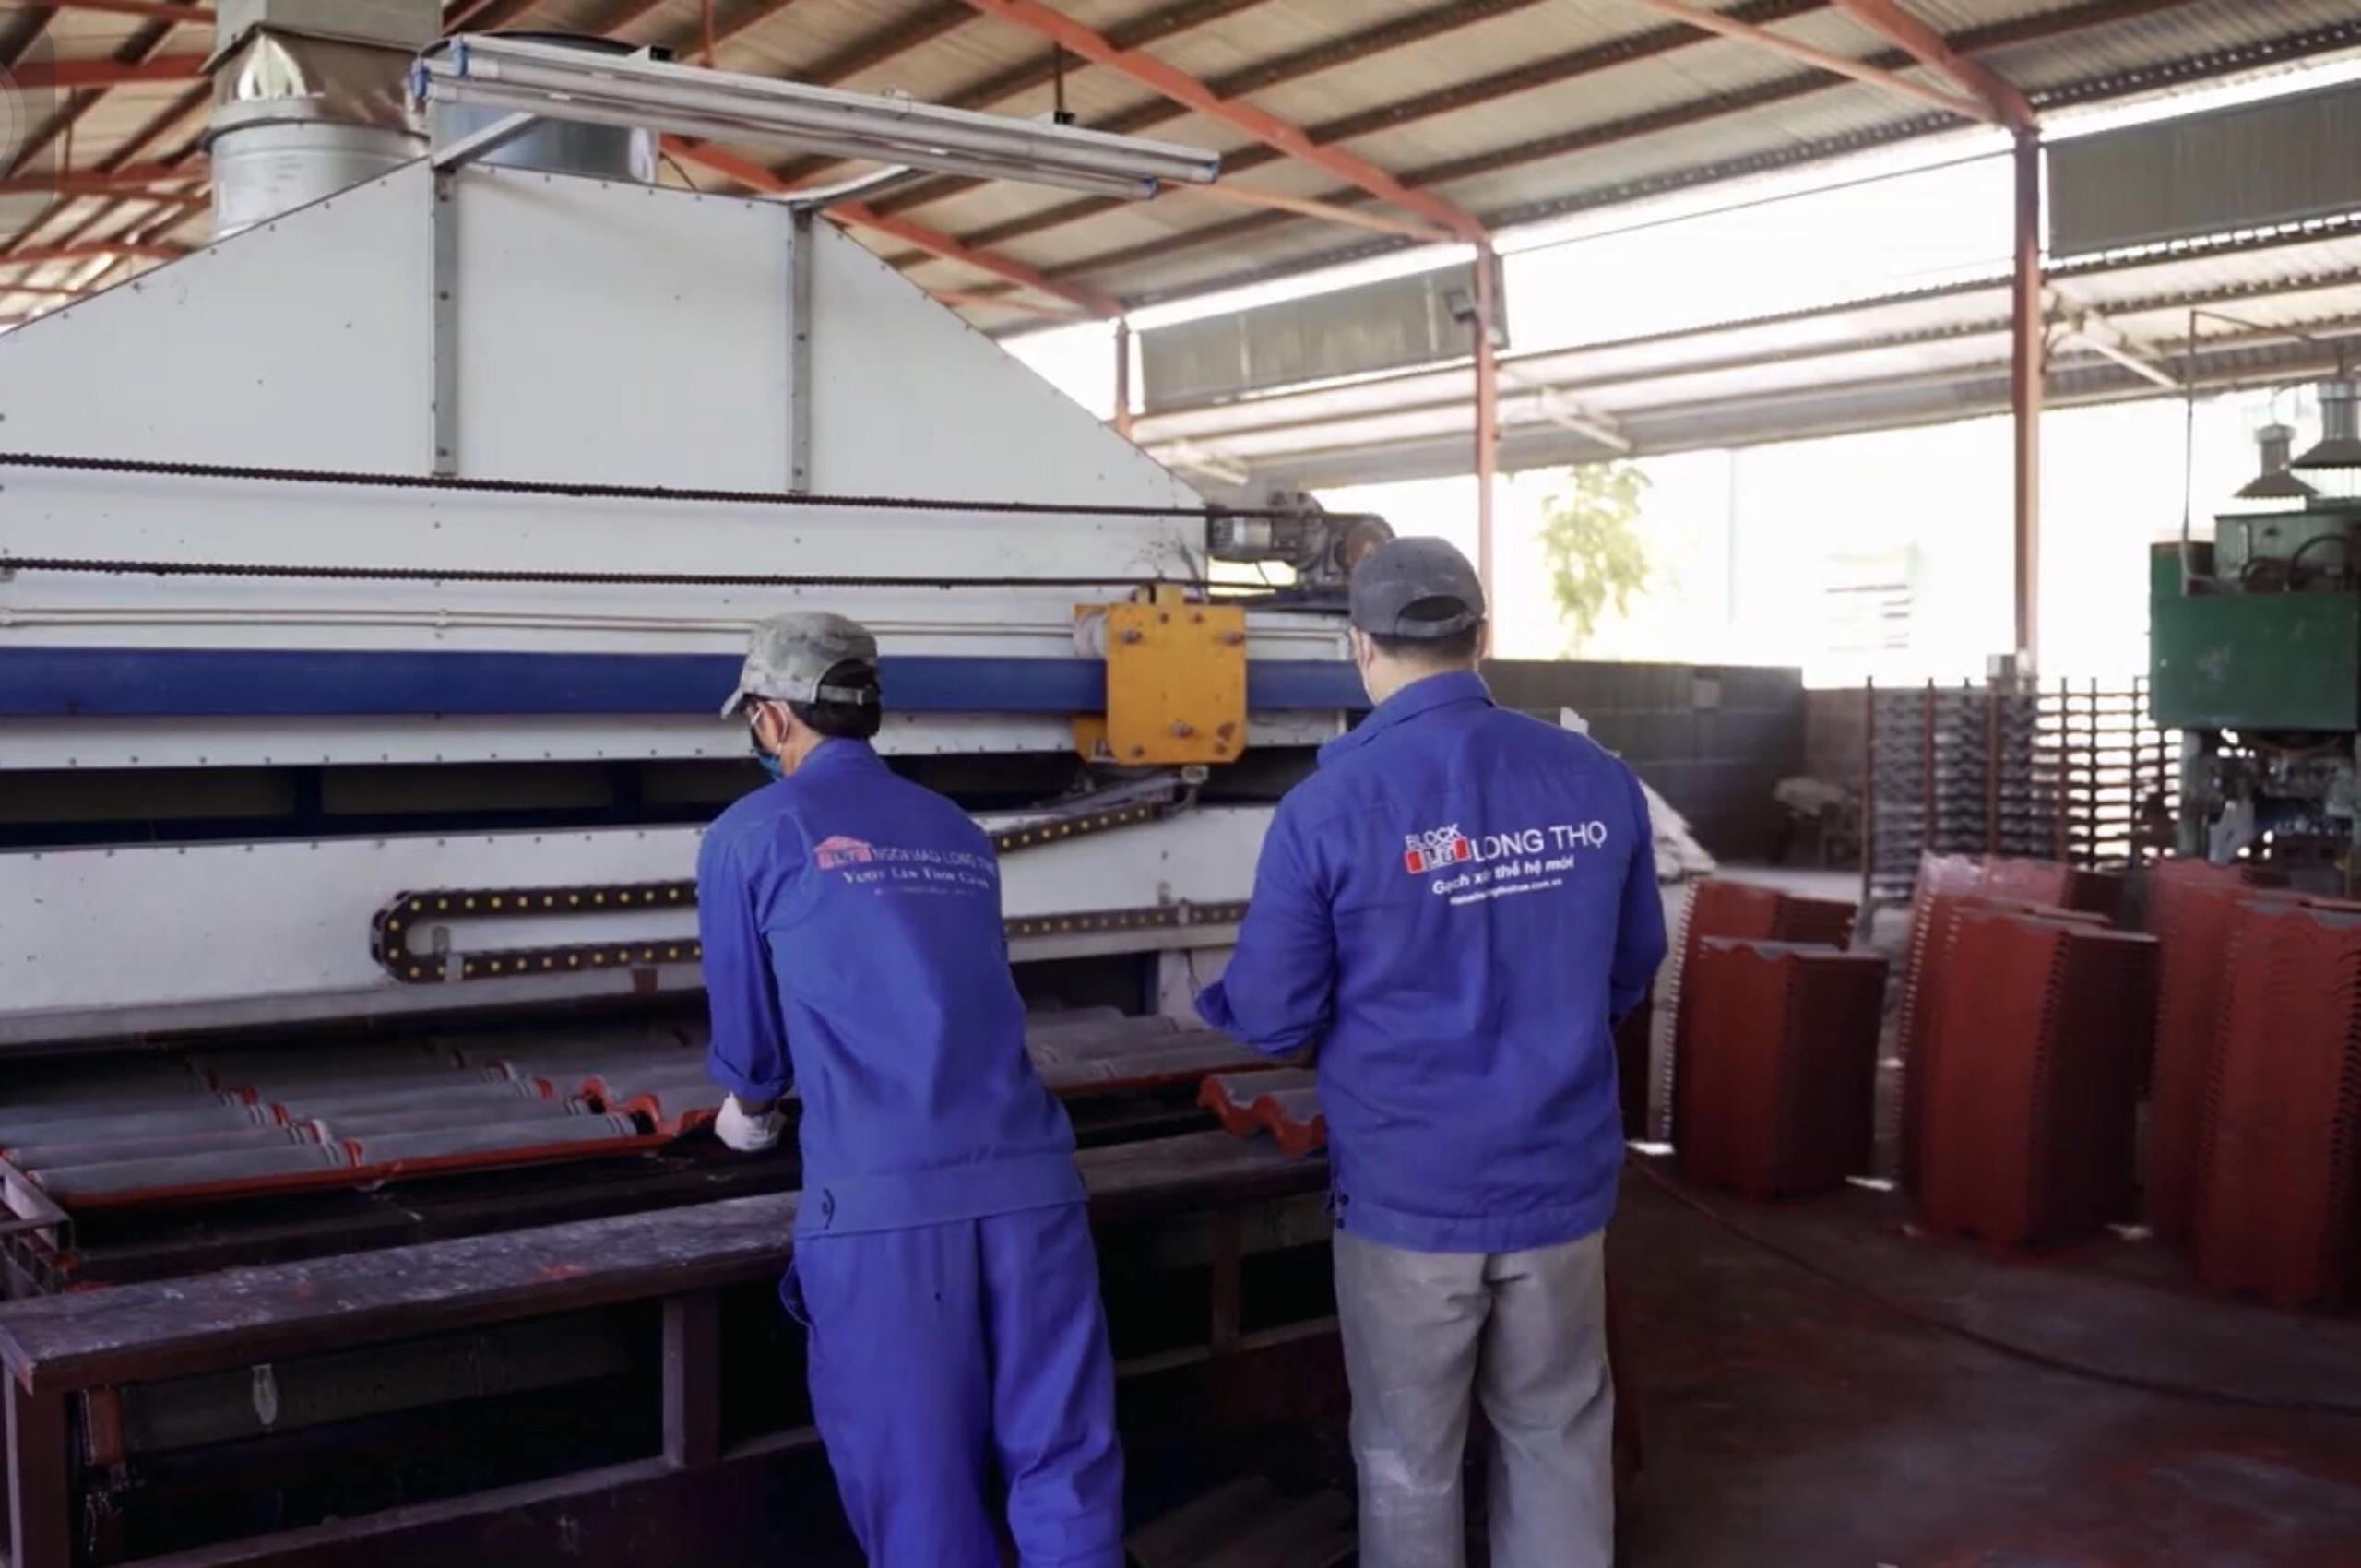 TT Huế: Thị trường vật liệu xây dựng hút hàng, giá tăng mạnh